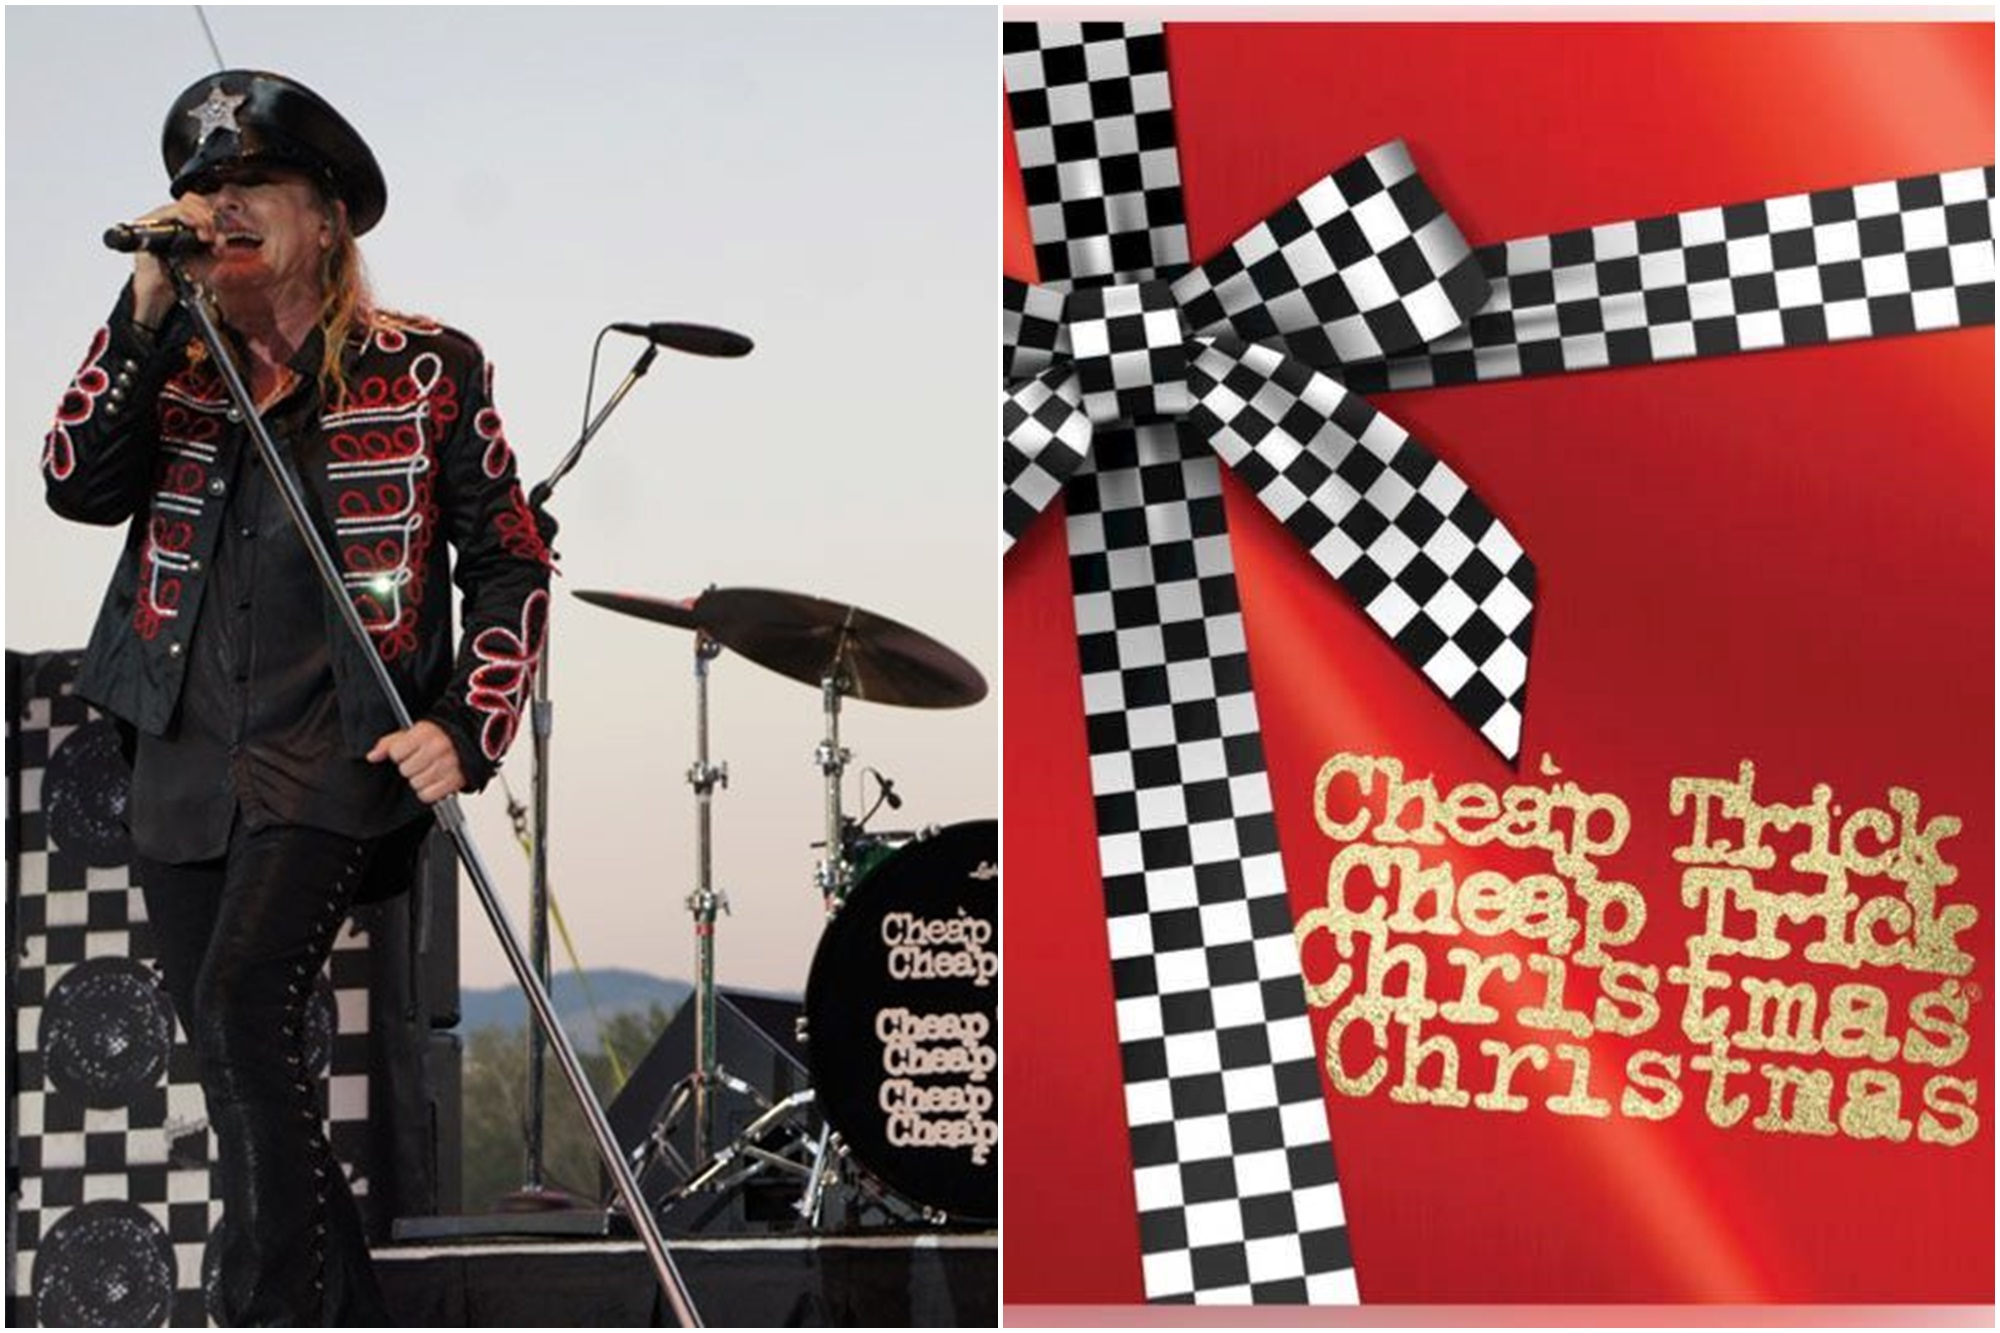 La banda nortemericana Cheap Tricks también ha homenajeado la Navidad durante su carrera. Foto: Facebook Cheap Tricks.